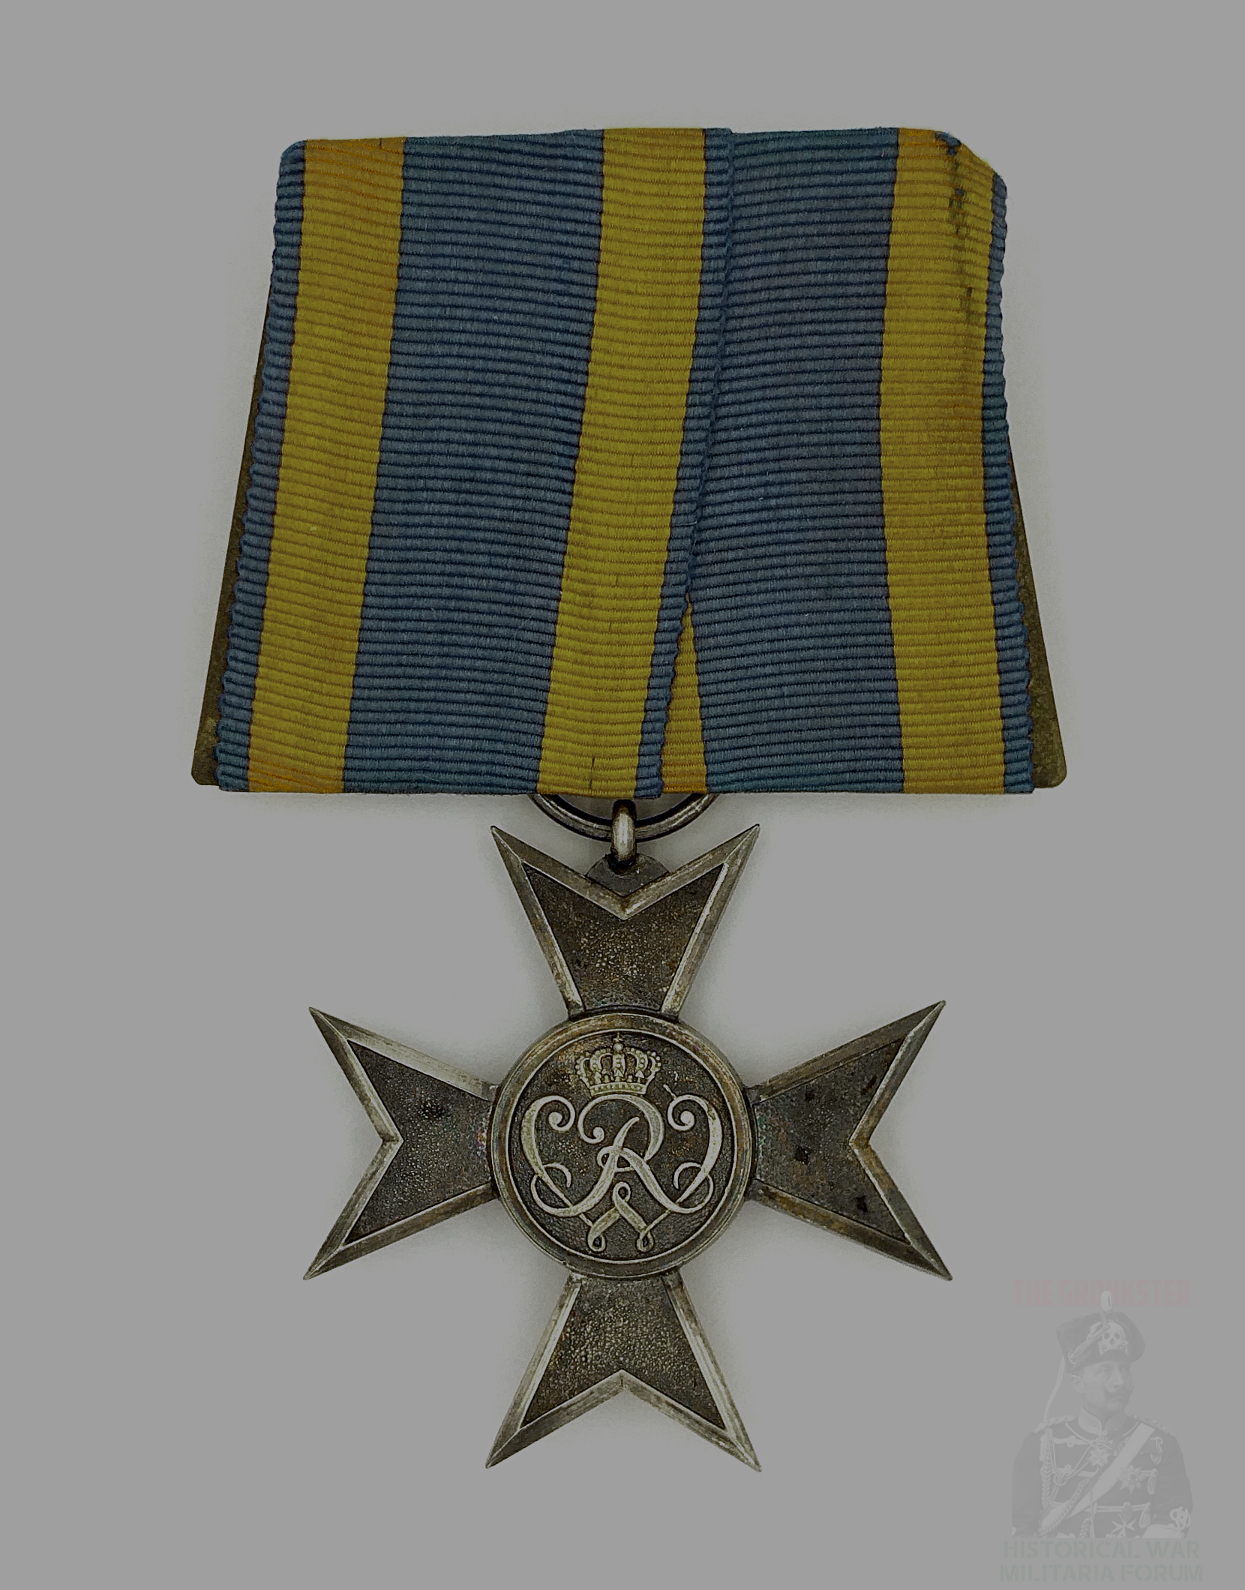 Preussen_Verdienstkreuz_Gold-01a.jpg